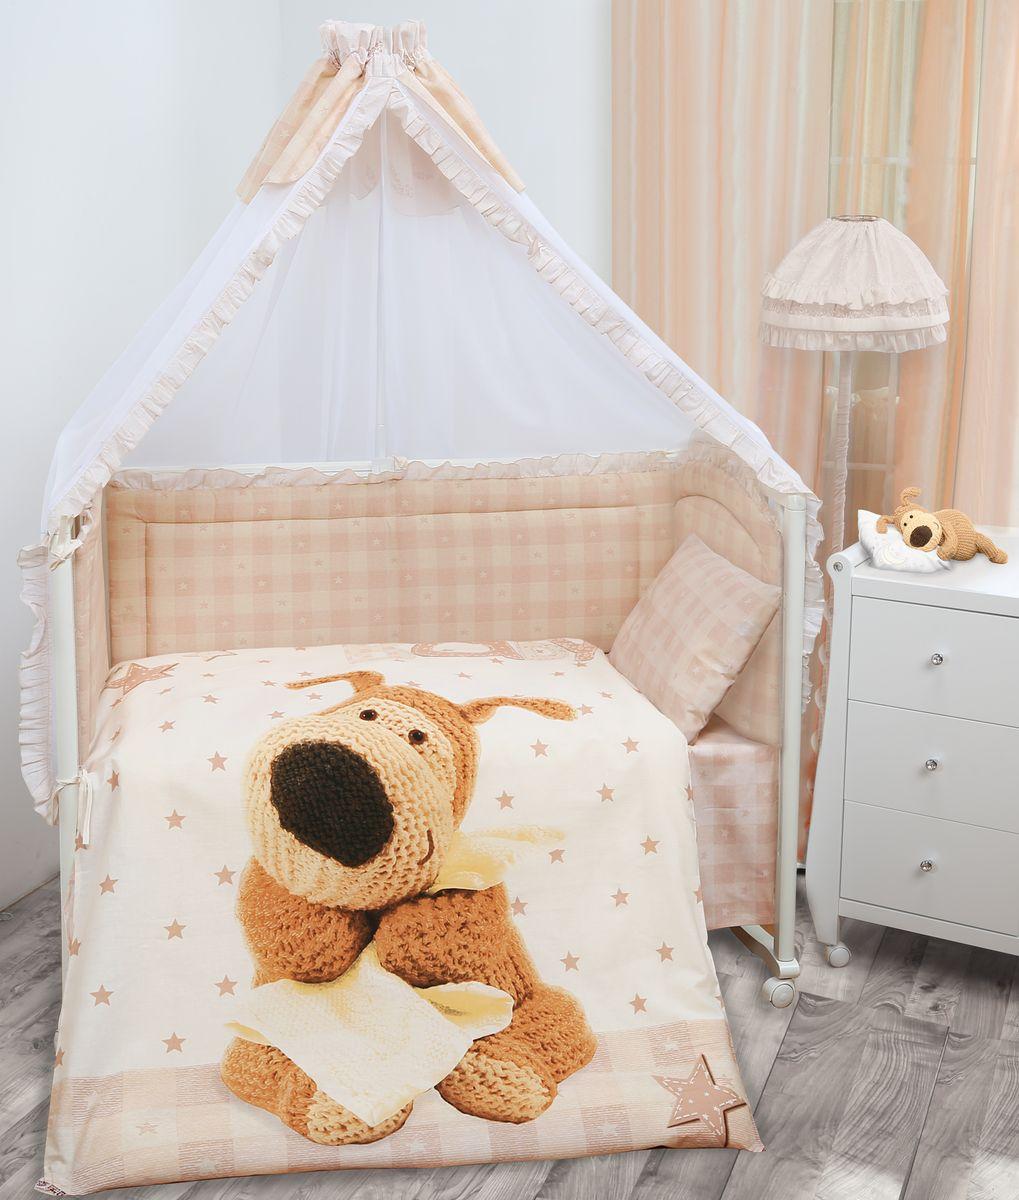 Комплект в кроватку Mona Liza Boofle baby Буффи, цвет: коричневый, 7 предметов521205Комплект в кроватку Mona Liza Boofle baby Буффи прекрасно подойдет для кроватки вашего малыша, добавит комнате уюта и согреет в прохладные дни. В качестве материала верха использован натуральный хлопок, мягкая ткань не раздражает чувствительную и нежную кожу ребенка и хорошо вентилируется. Бортик, подушка и одеяло наполнены 100% полиэфиром. Балдахин выполнен из 100% полиэфира с отделкой 100% хлопка. Комплект состоит из: бортиков 40 см х 60 см - 2 шт, 40 см х 120 см - 2 шт, балдахина 150 см х 300 см, плоской подушки 40 см х 60 см, зимнего одеяла 105 см х 140 см, пододеяльника 110 см х 145 см, наволочки 40 см х 60 см, простыни 100 см х 145 см. Элементы комплекта выполнены из 100% хлопка и оформлены аппликацией в виде очаровательного вязаного щеночка Буффи. Очень важно, чтобы ваш малыш хорошо спал - это залог его здоровья, а значит вашего спокойствия. Согласно рекомендациям детских врачей, лучше всего...